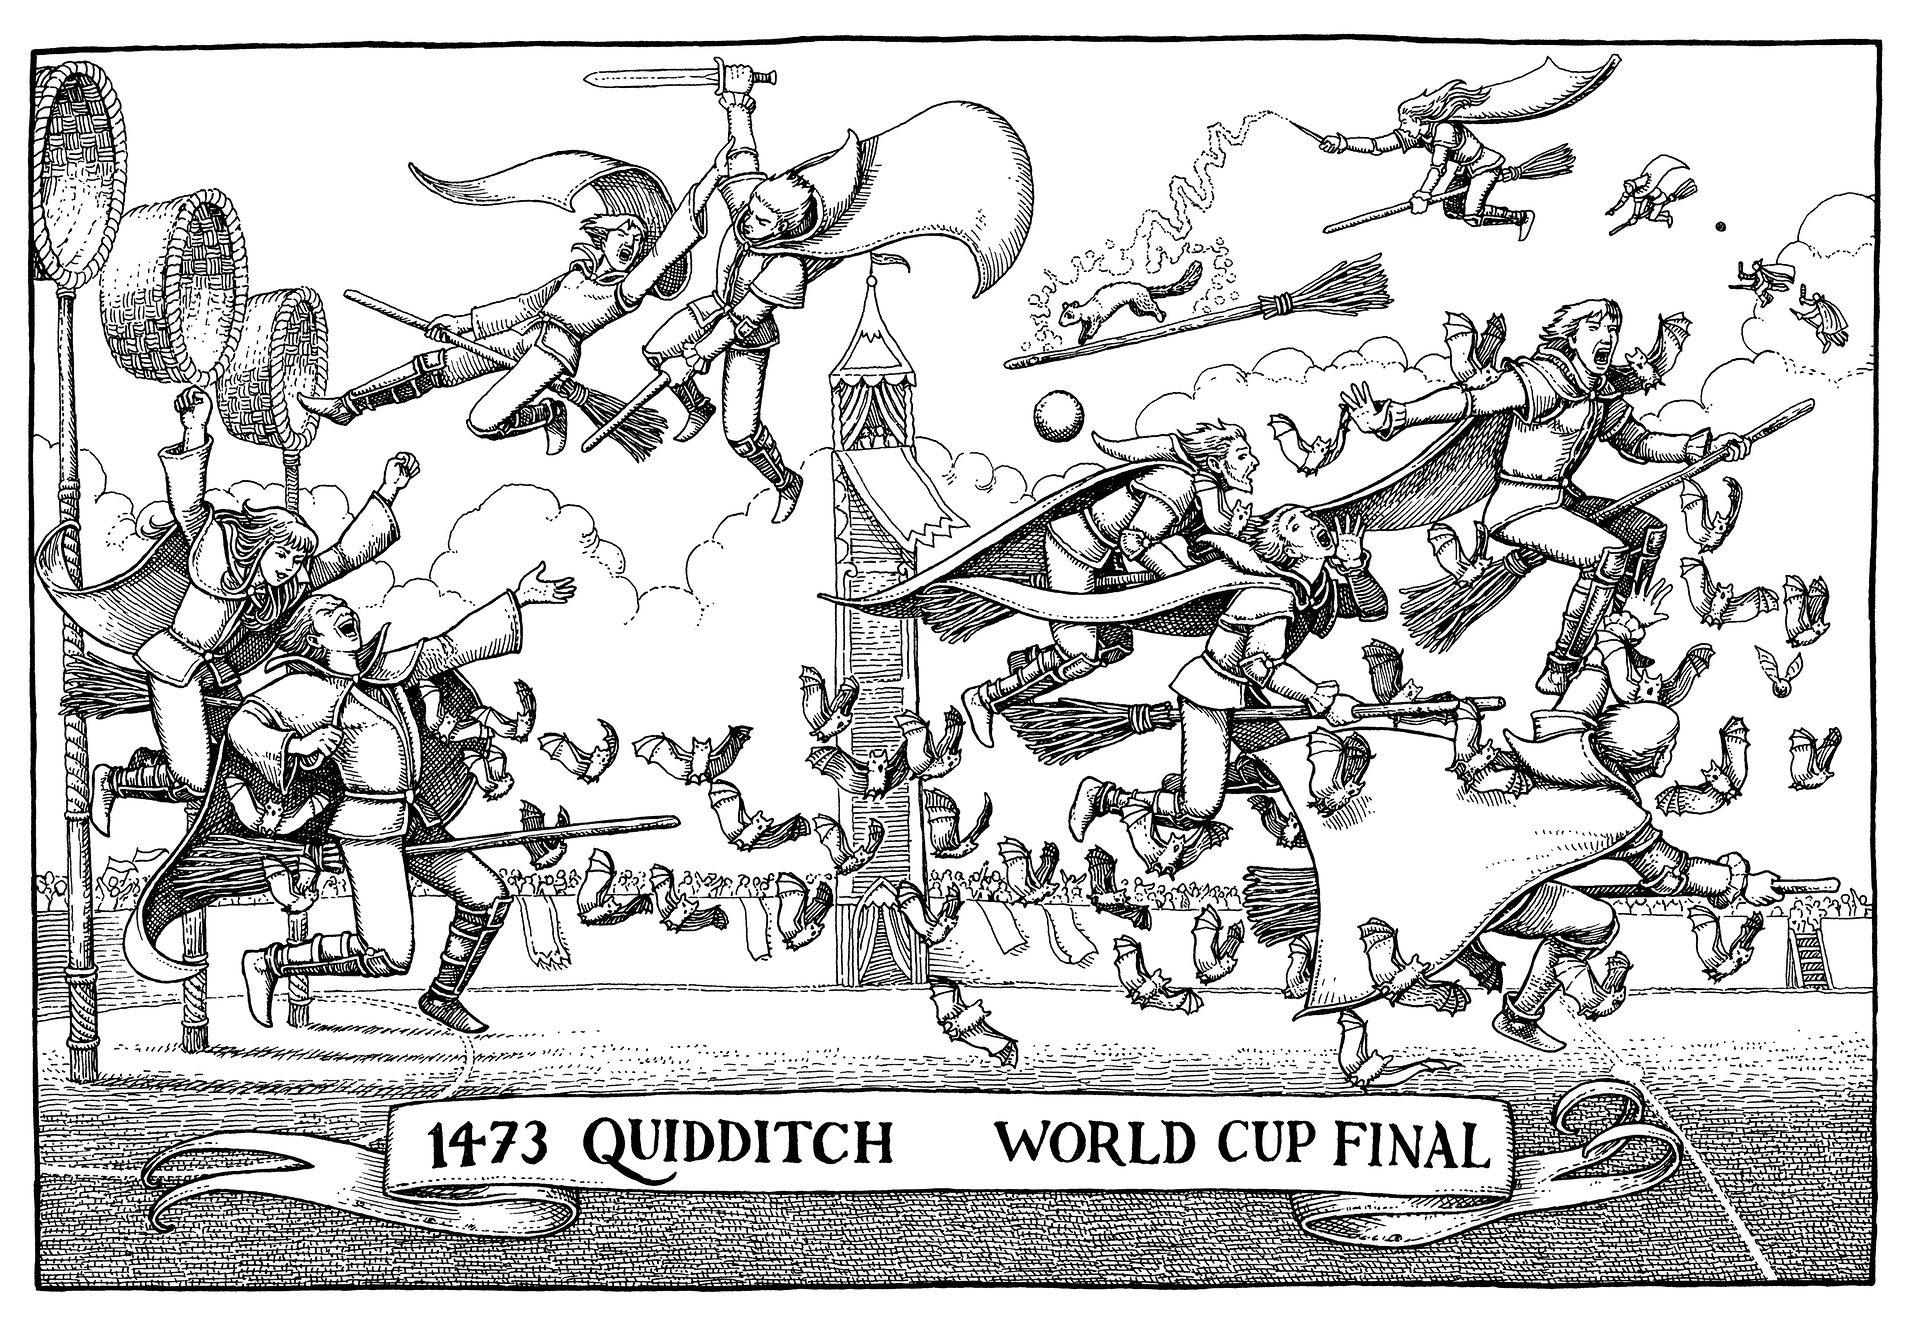 Quidditch à travers les âges - finale 1473 - Tomislav Tomic